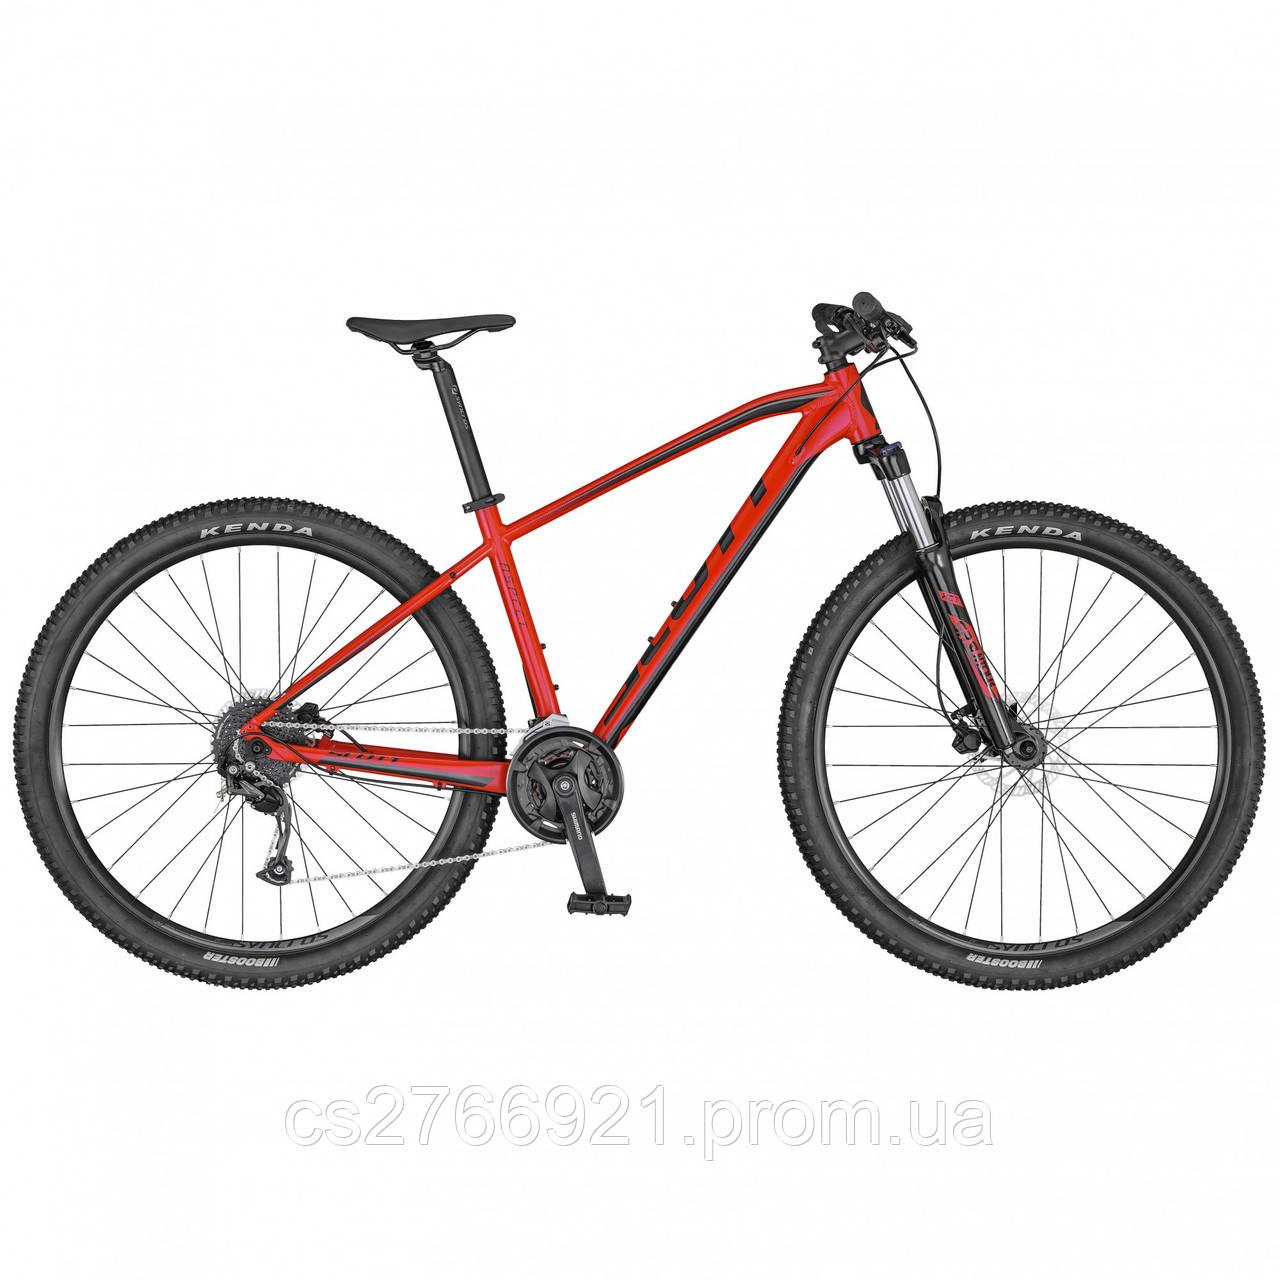 Велосипед ASPECT 750 красно/чёрный (CN) 20 SCOTT